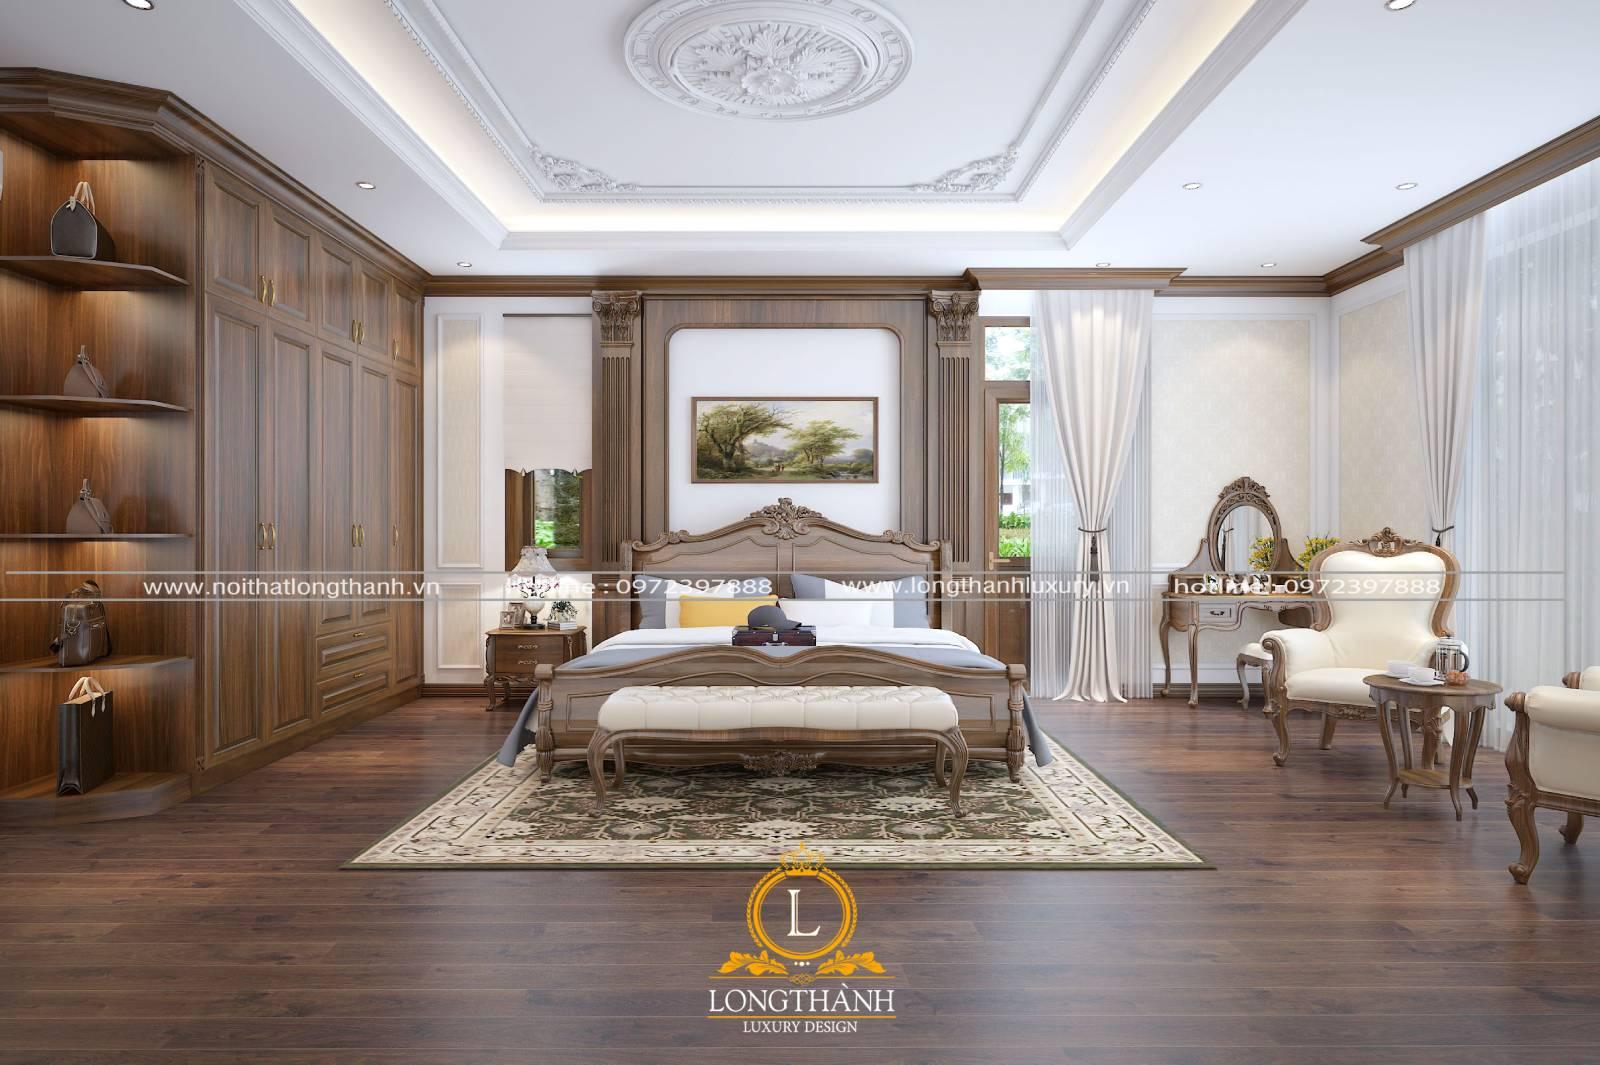 Tranh đặt đầu giường ngủ tăng thêm nét đẹp và sự cân đối